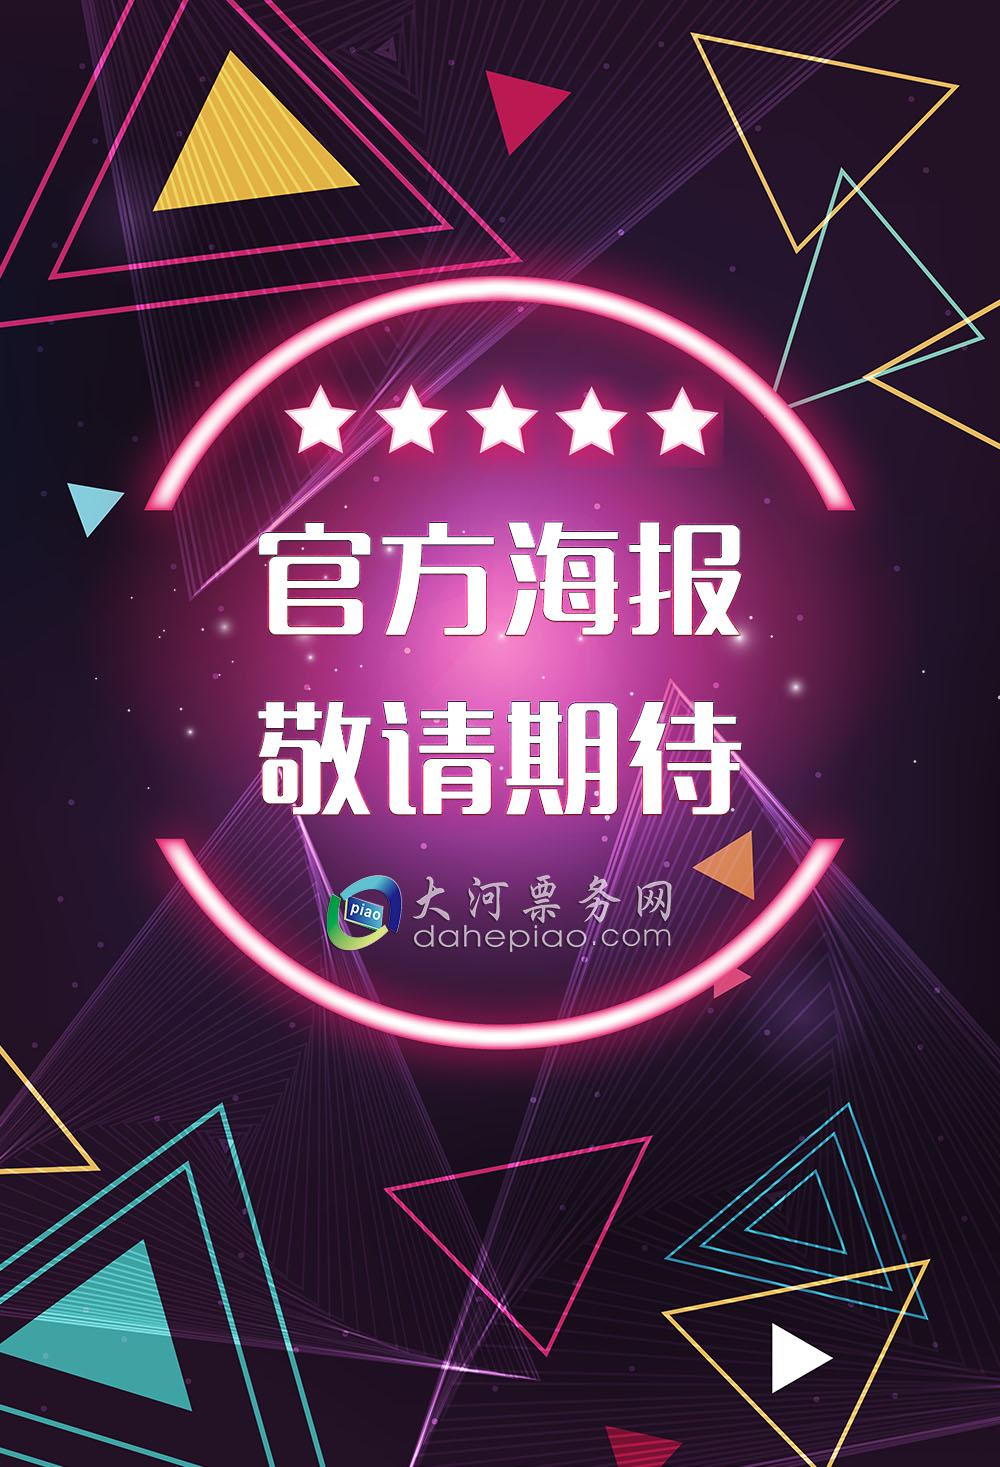 舞剧流浪深圳站